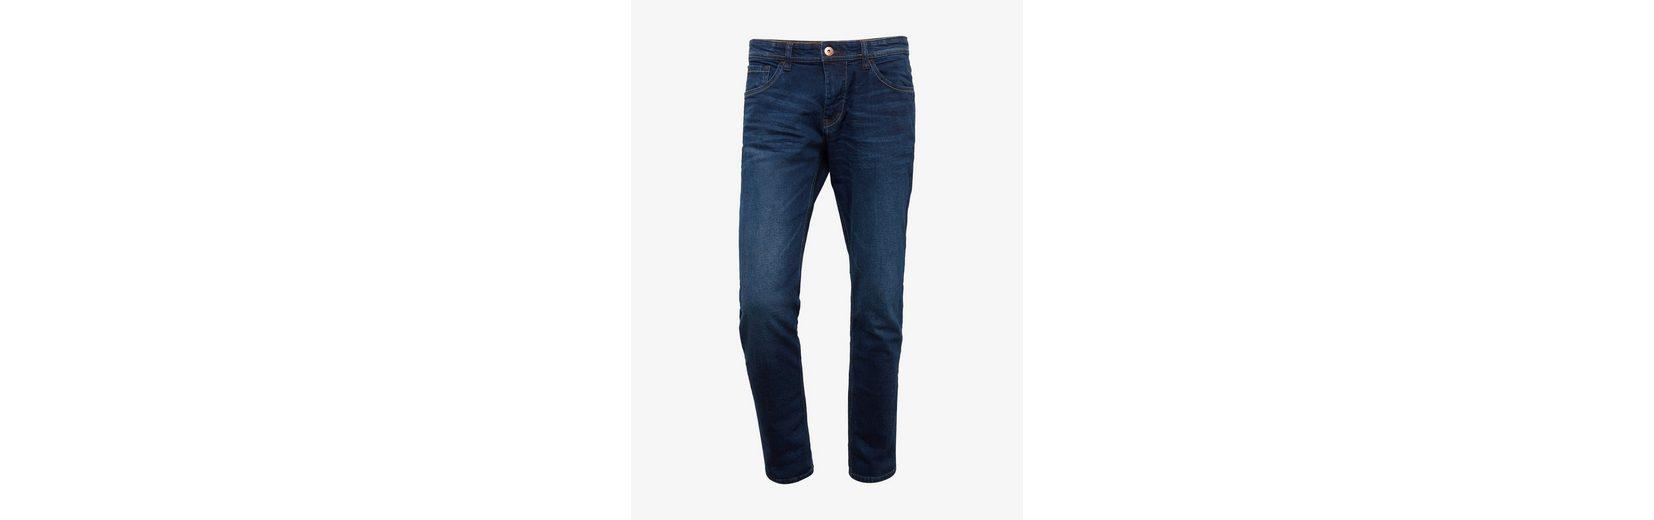 Verkauf Günstiger Preis Spielraum Wählen Eine Beste Tom Tailor 5-Pocket-Jeans Josh Regular Slim Jeans Perfekte Online-Verkauf Verkauf Geschäft PjuTg9p7Z